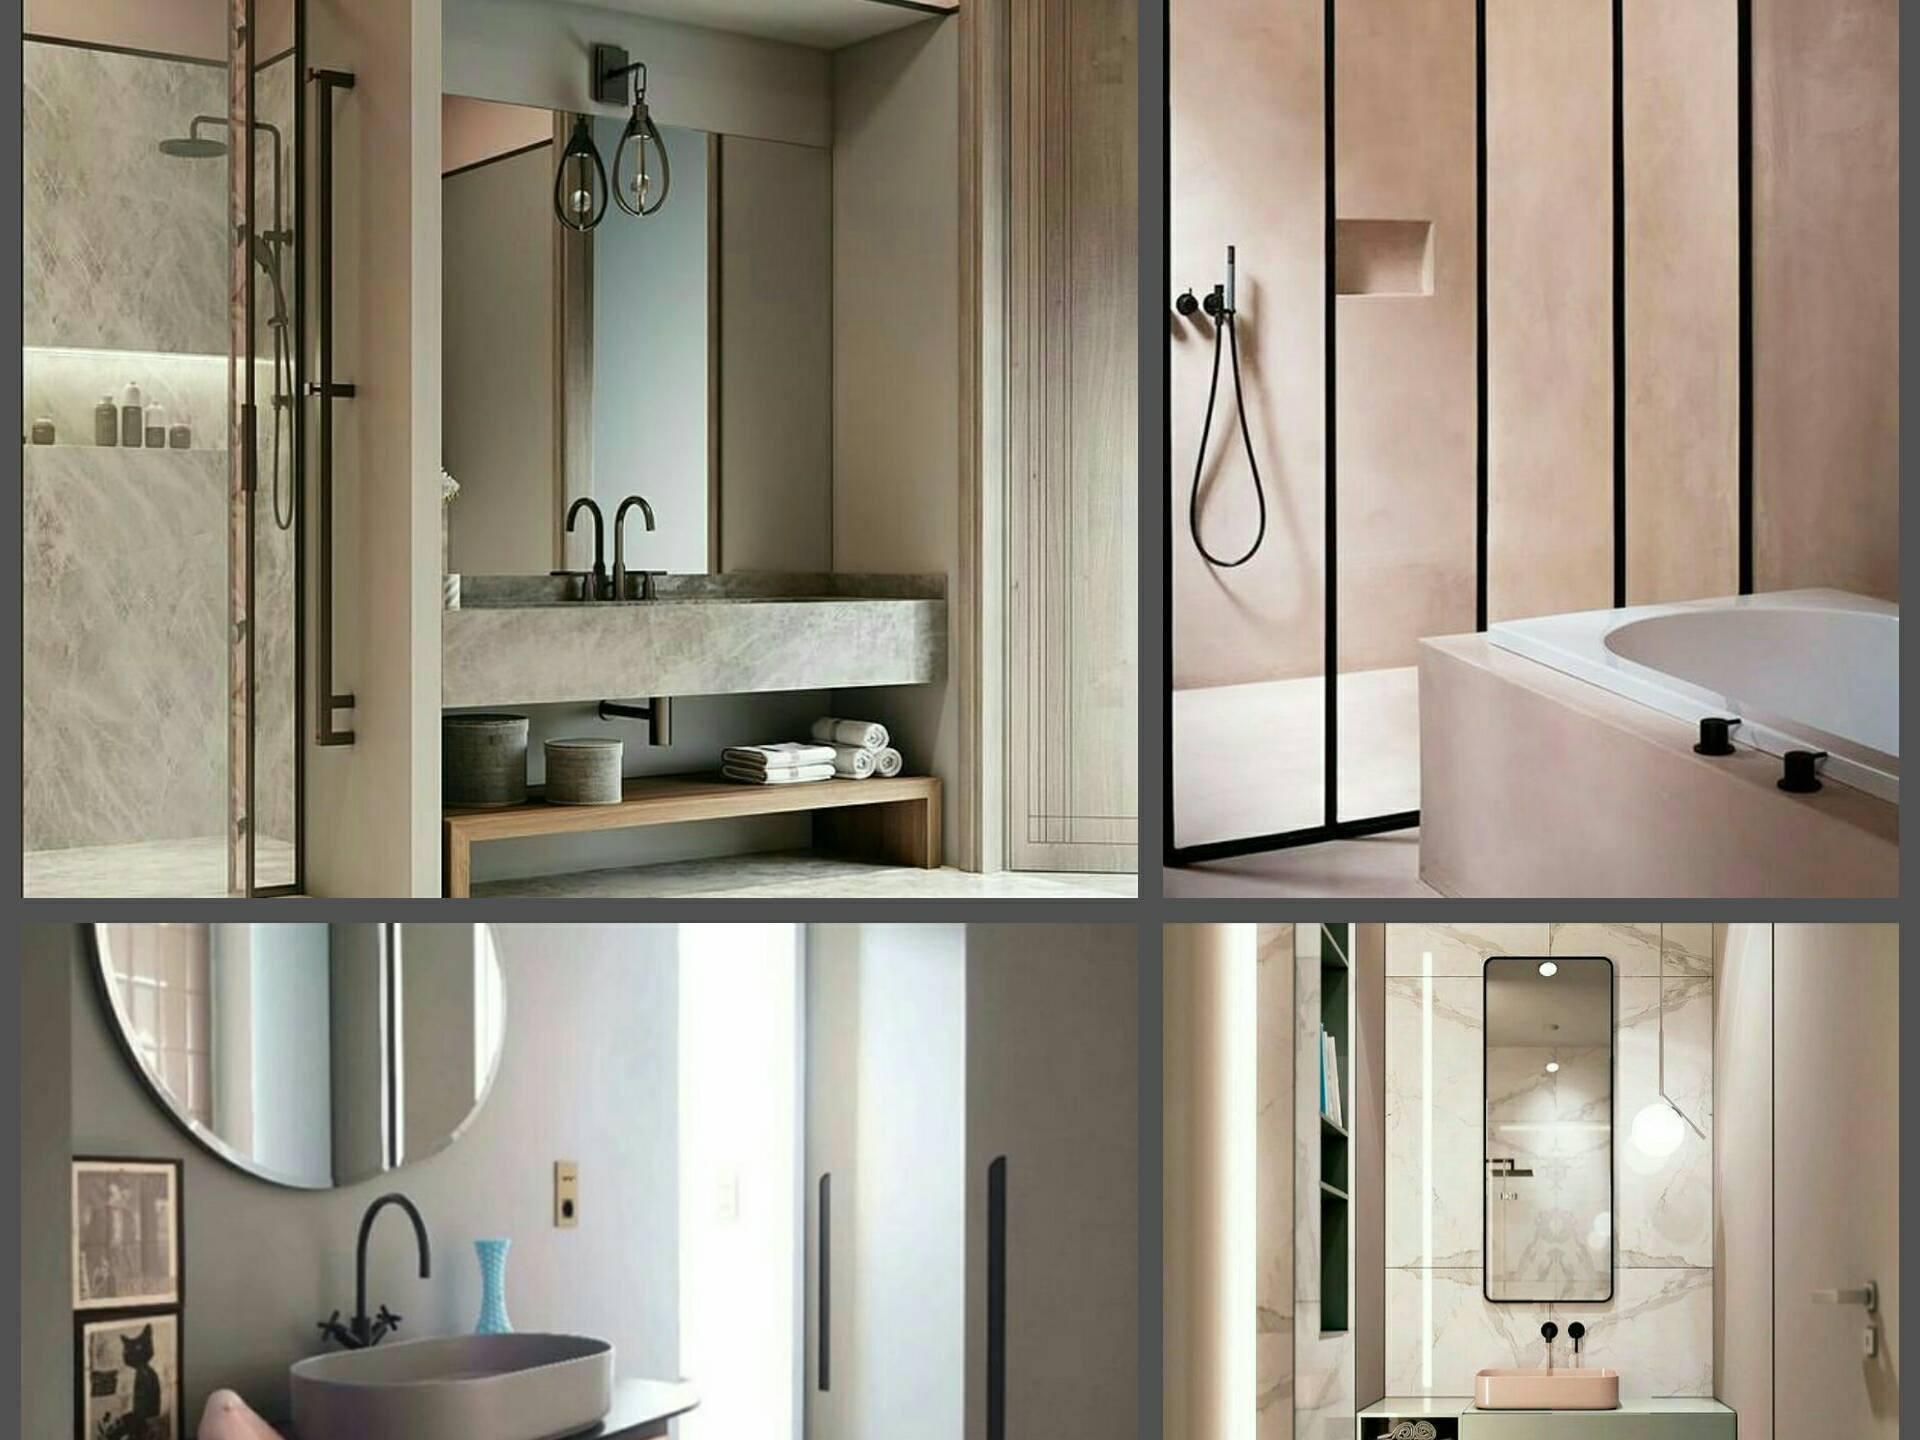 banheiros millennial grid